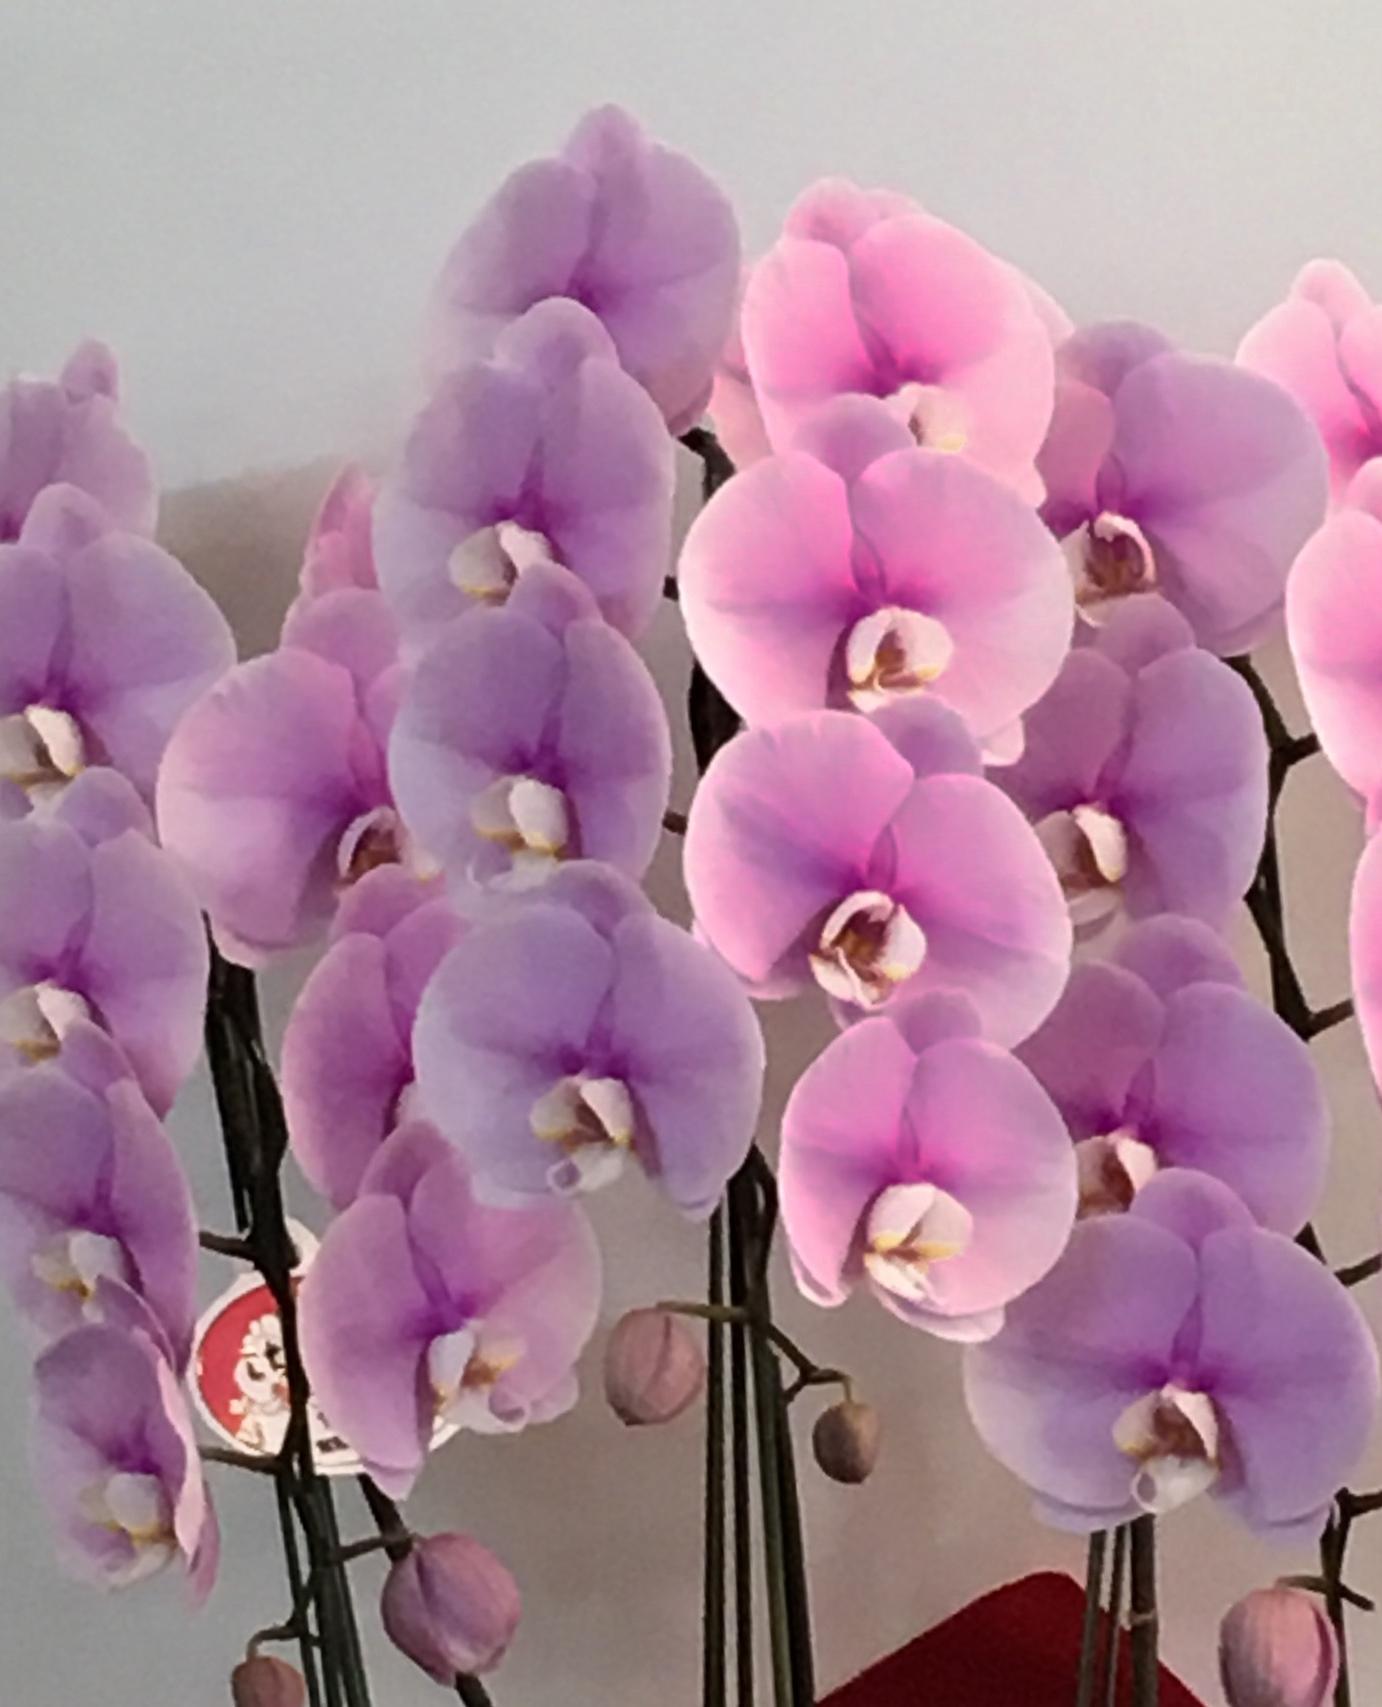 【ナオ花屋の納品事例122】横浜市関内弁天通の法人企業様へスタンド花を配達しました!